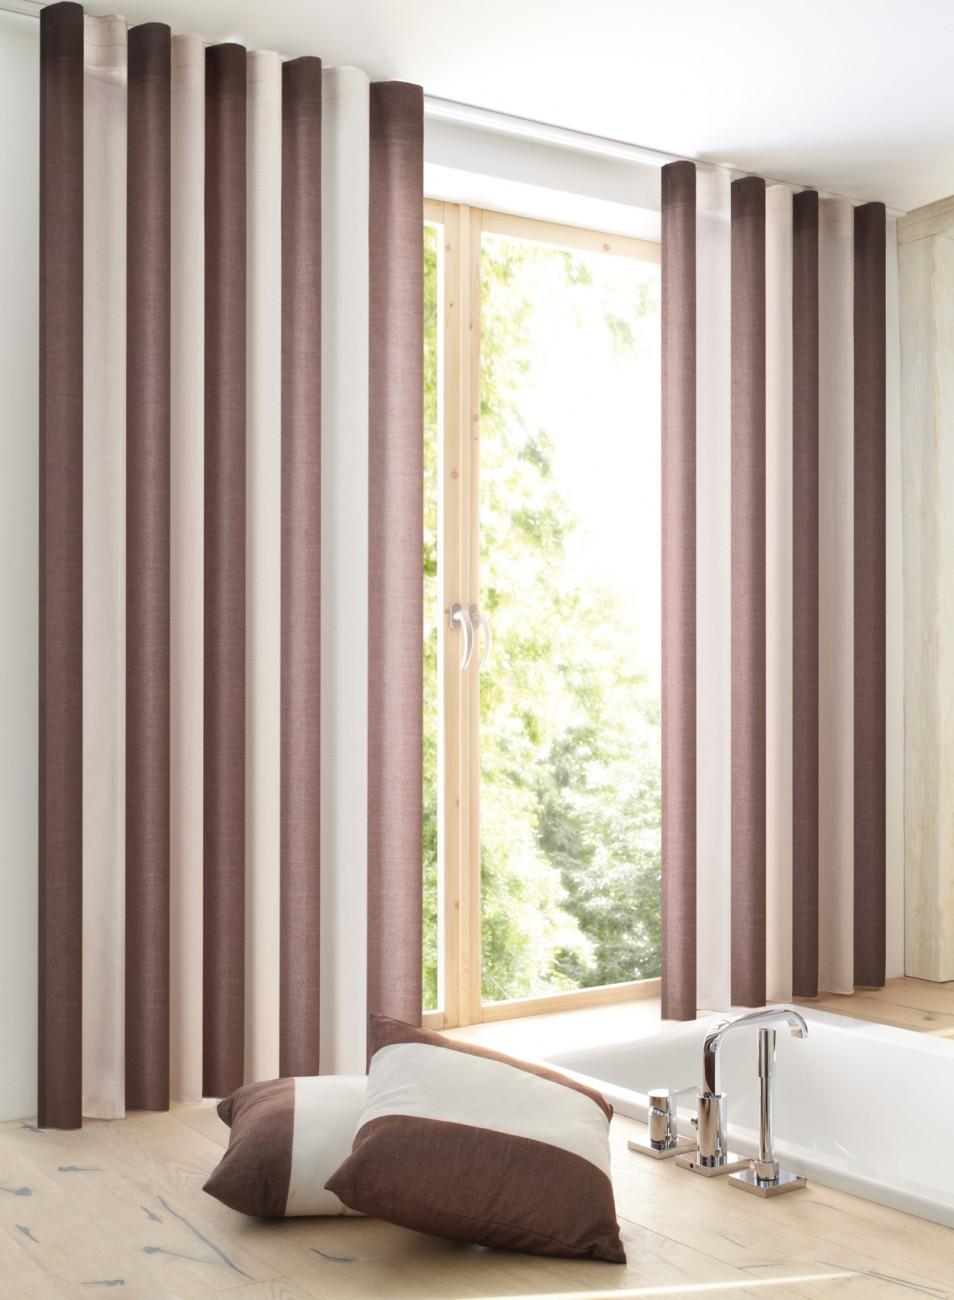 Full Size of Gardinen Für Schlafzimmer Die Küche Scheibengardinen Wohnzimmer Fenster Wohnzimmer Gardinen Nähen